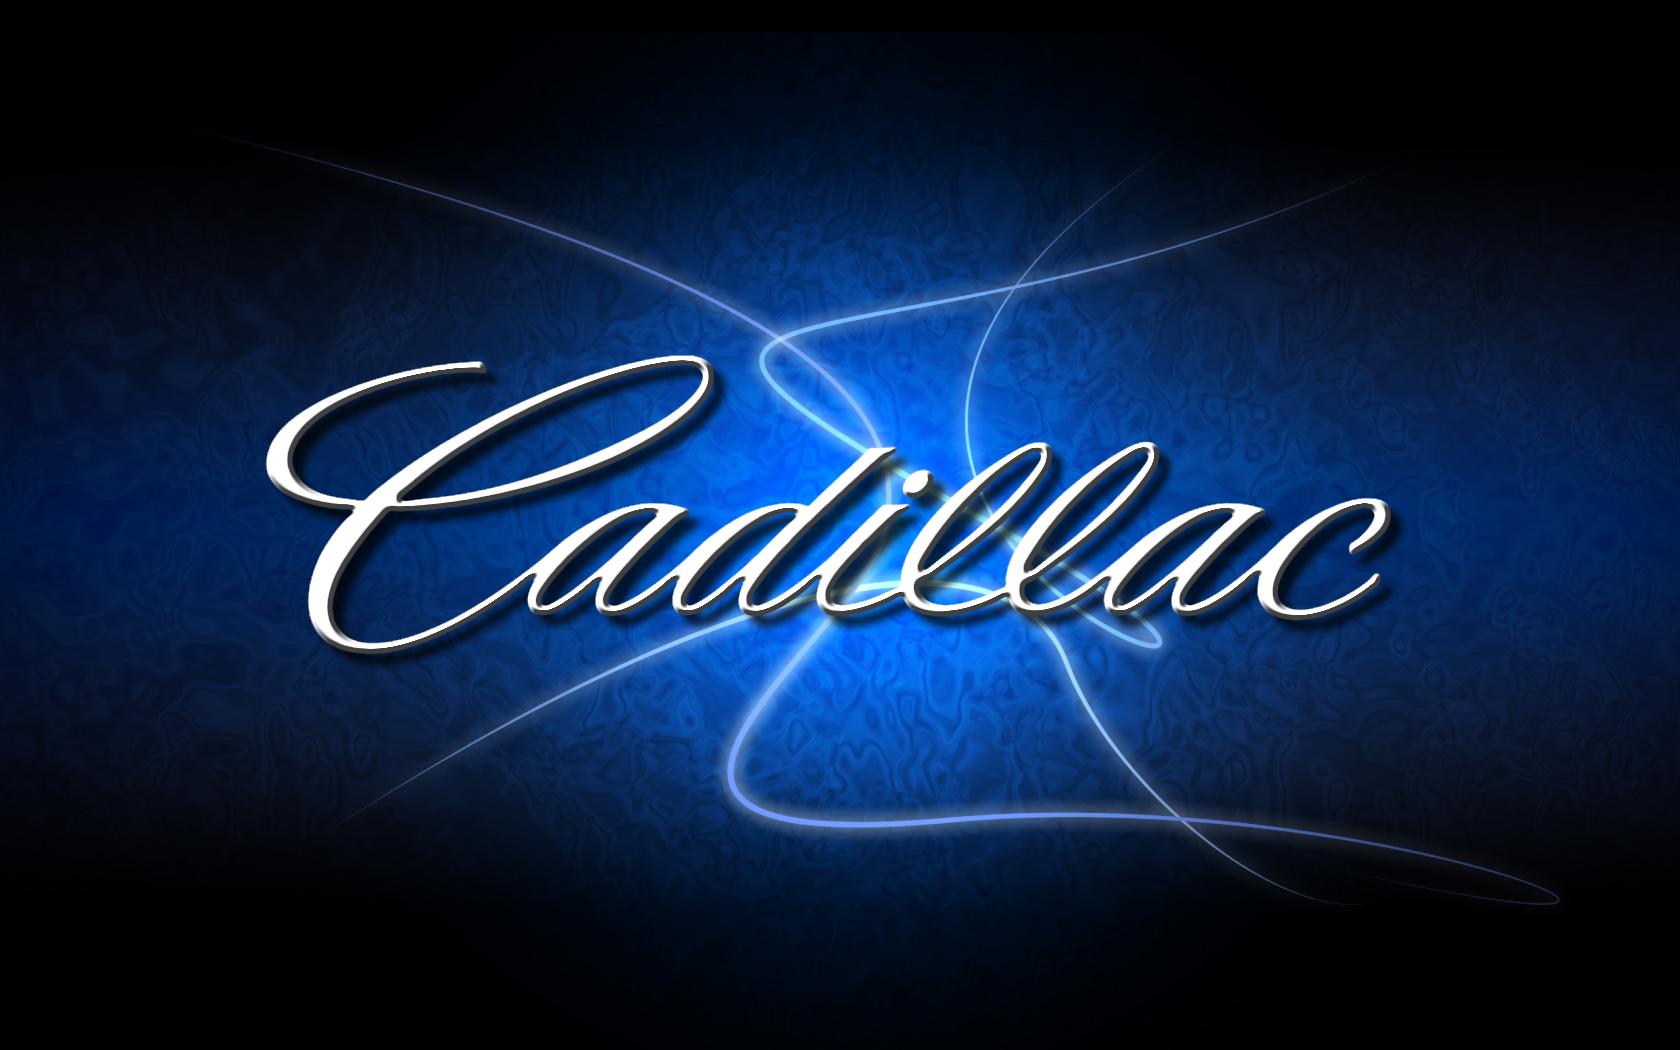 Cadillac Symbol Wallpaper Wallpapersafari